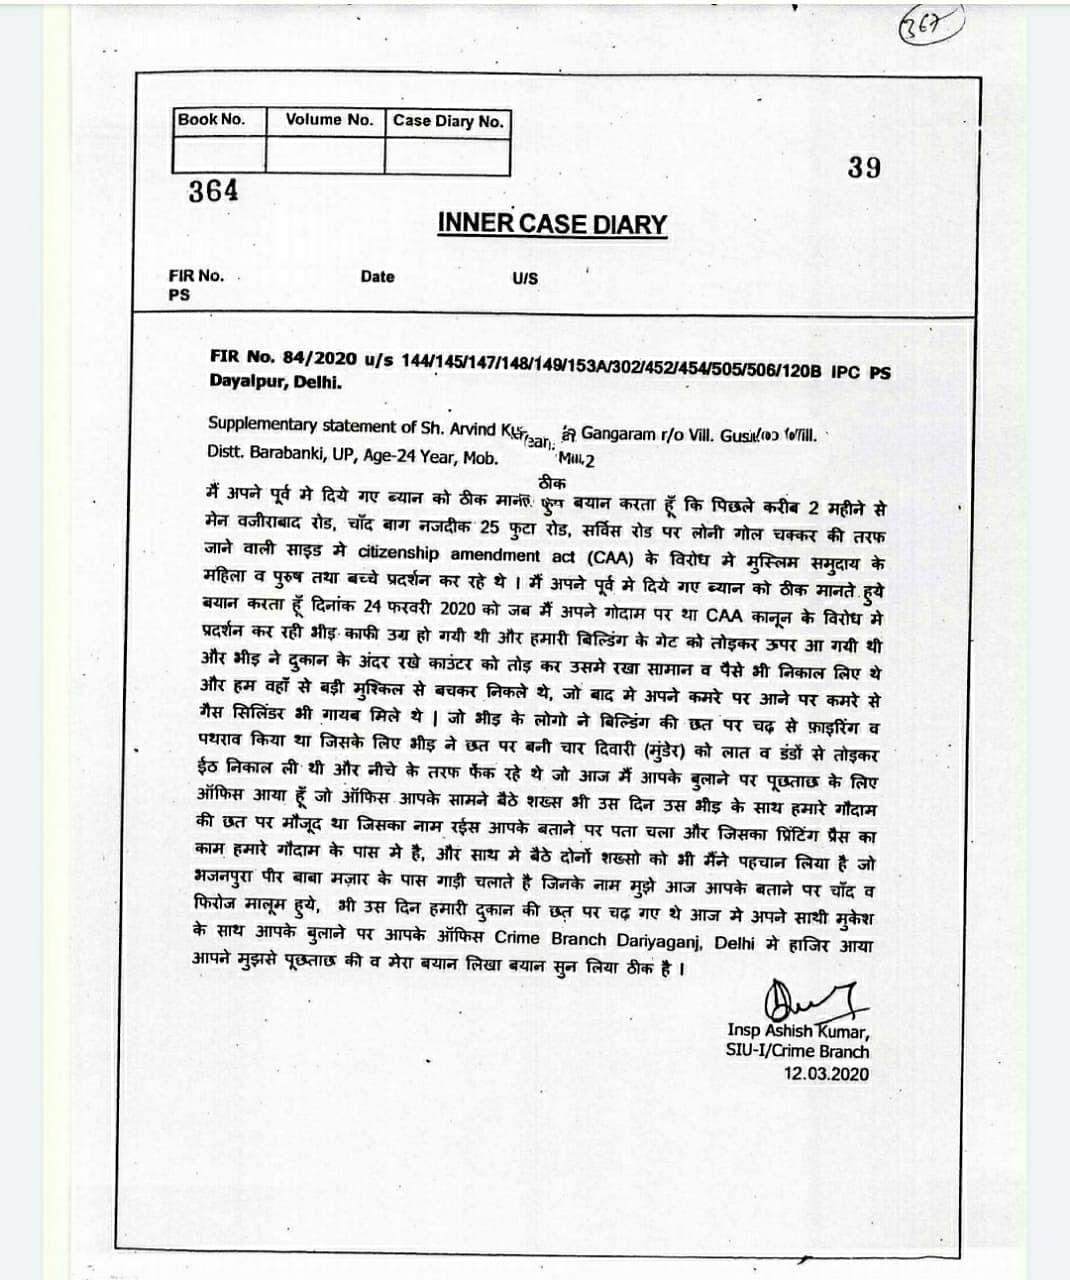 12 मार्च को केस डायरी में दर्ज अरविन्द का बयान